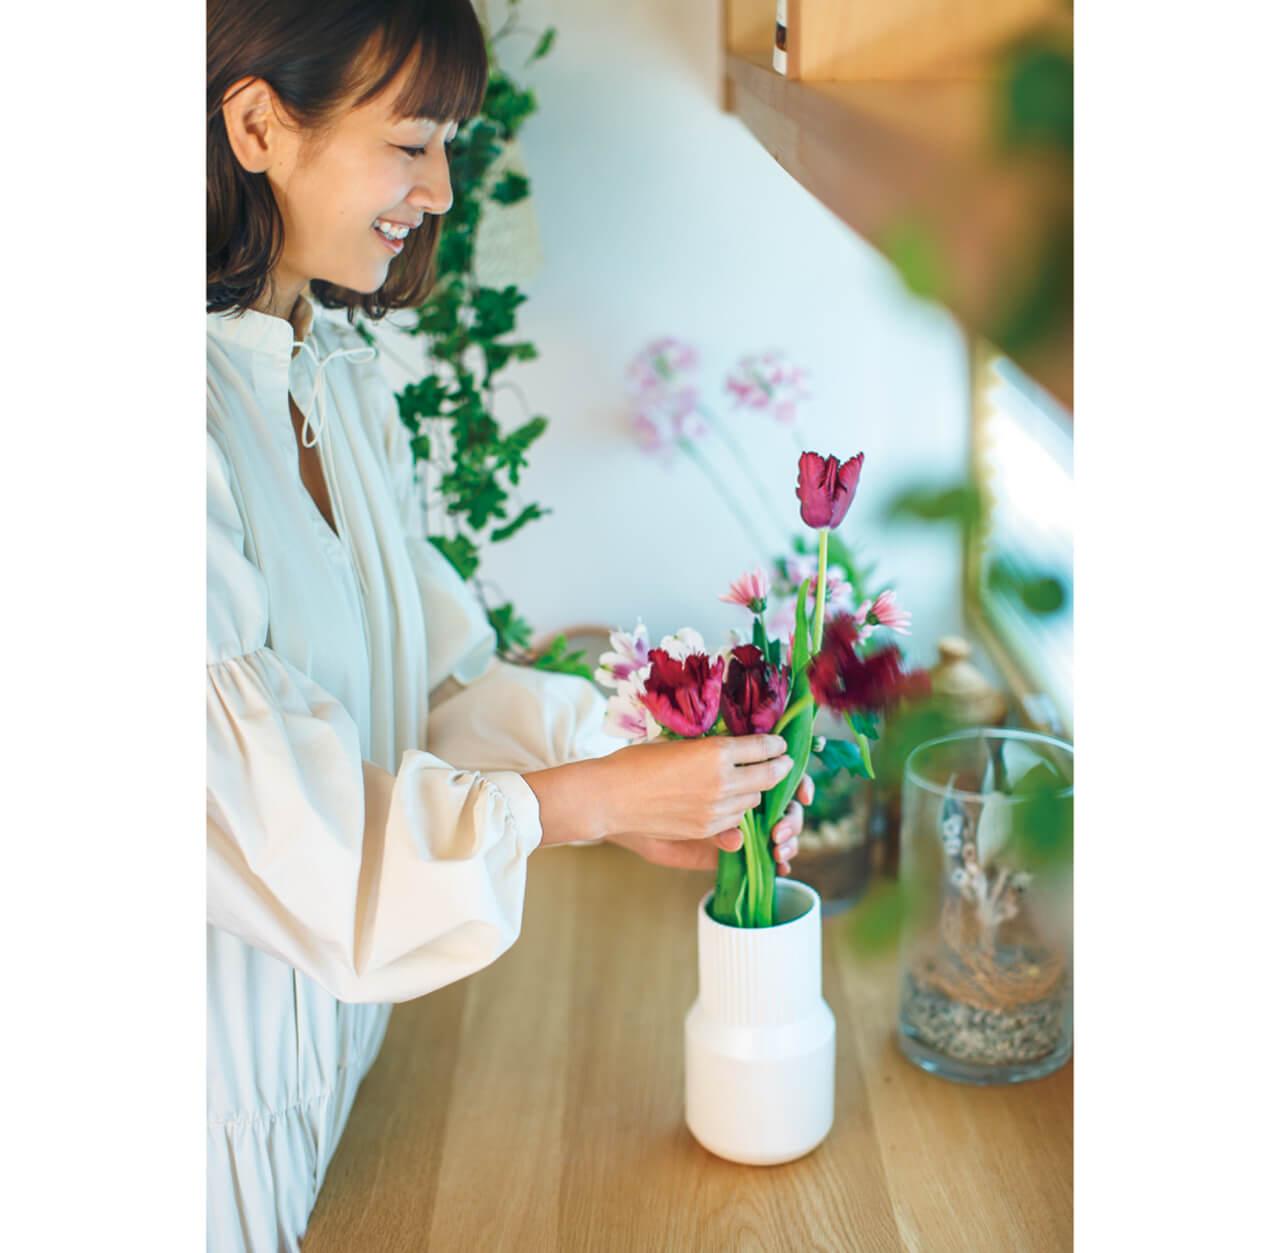 """「ピークを過ぎたチューリップも、まだまだわが家では現役。お花を生けるときは、考えすぎずに""""かわいいかも""""と思う感覚を大切にするのがコツのような気がします」(前田有紀さん)"""